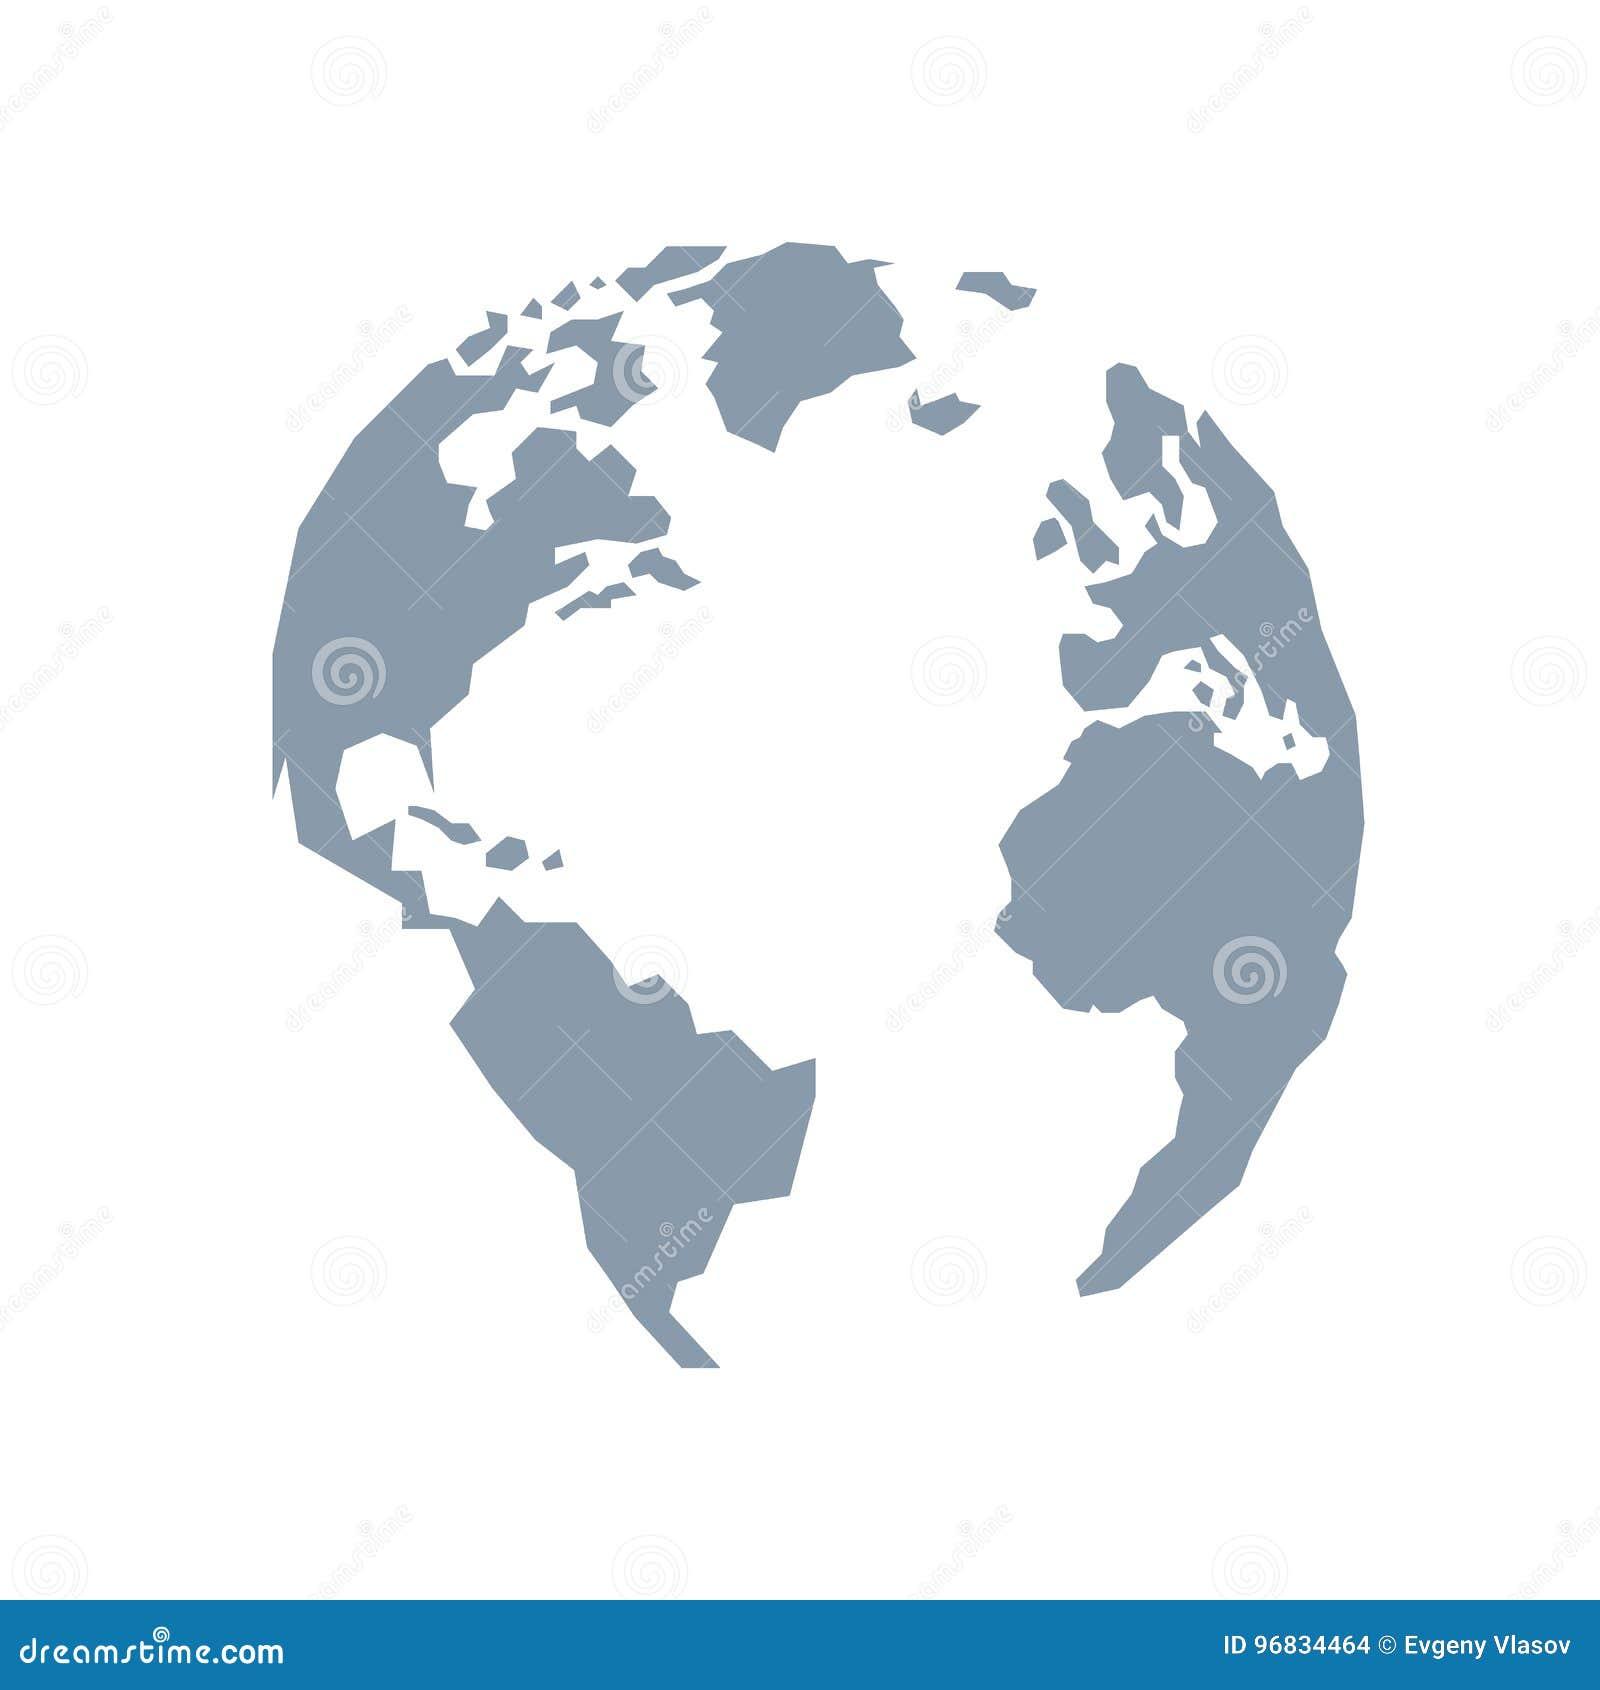 Σφαίρα Lowpoly Αμερική, Ευρώπη, Ατλαντικός Ωκεανός Μπλε γκρι